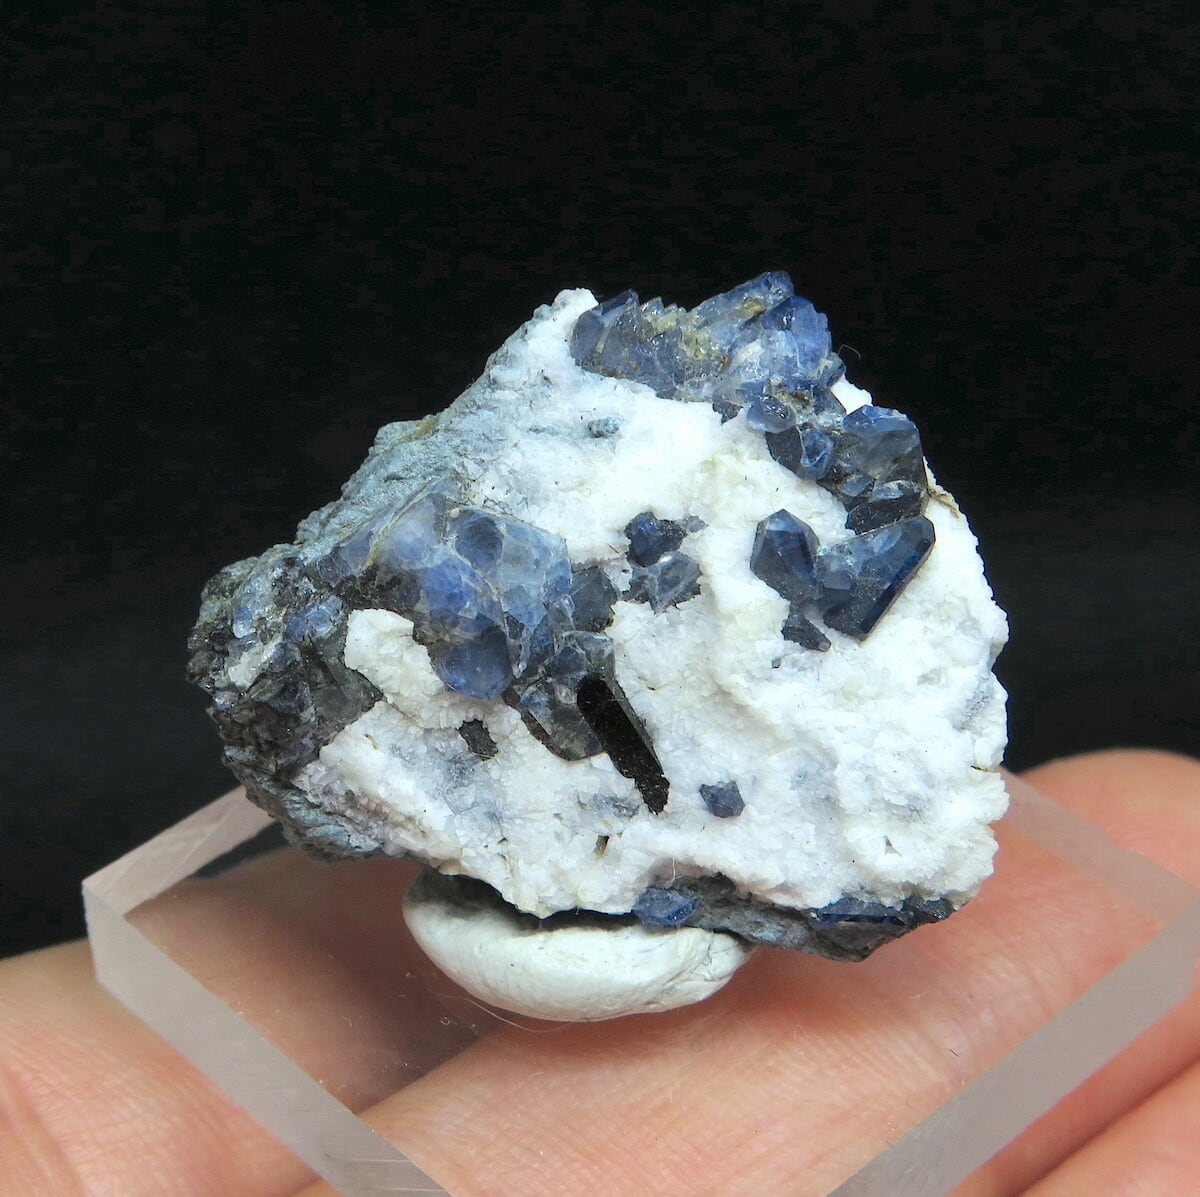 ベニトアイト ネプチュナイト ベニト石  海王石 カリフォルニア産 6,9g BN097 鉱物 天然石 パワーストーン